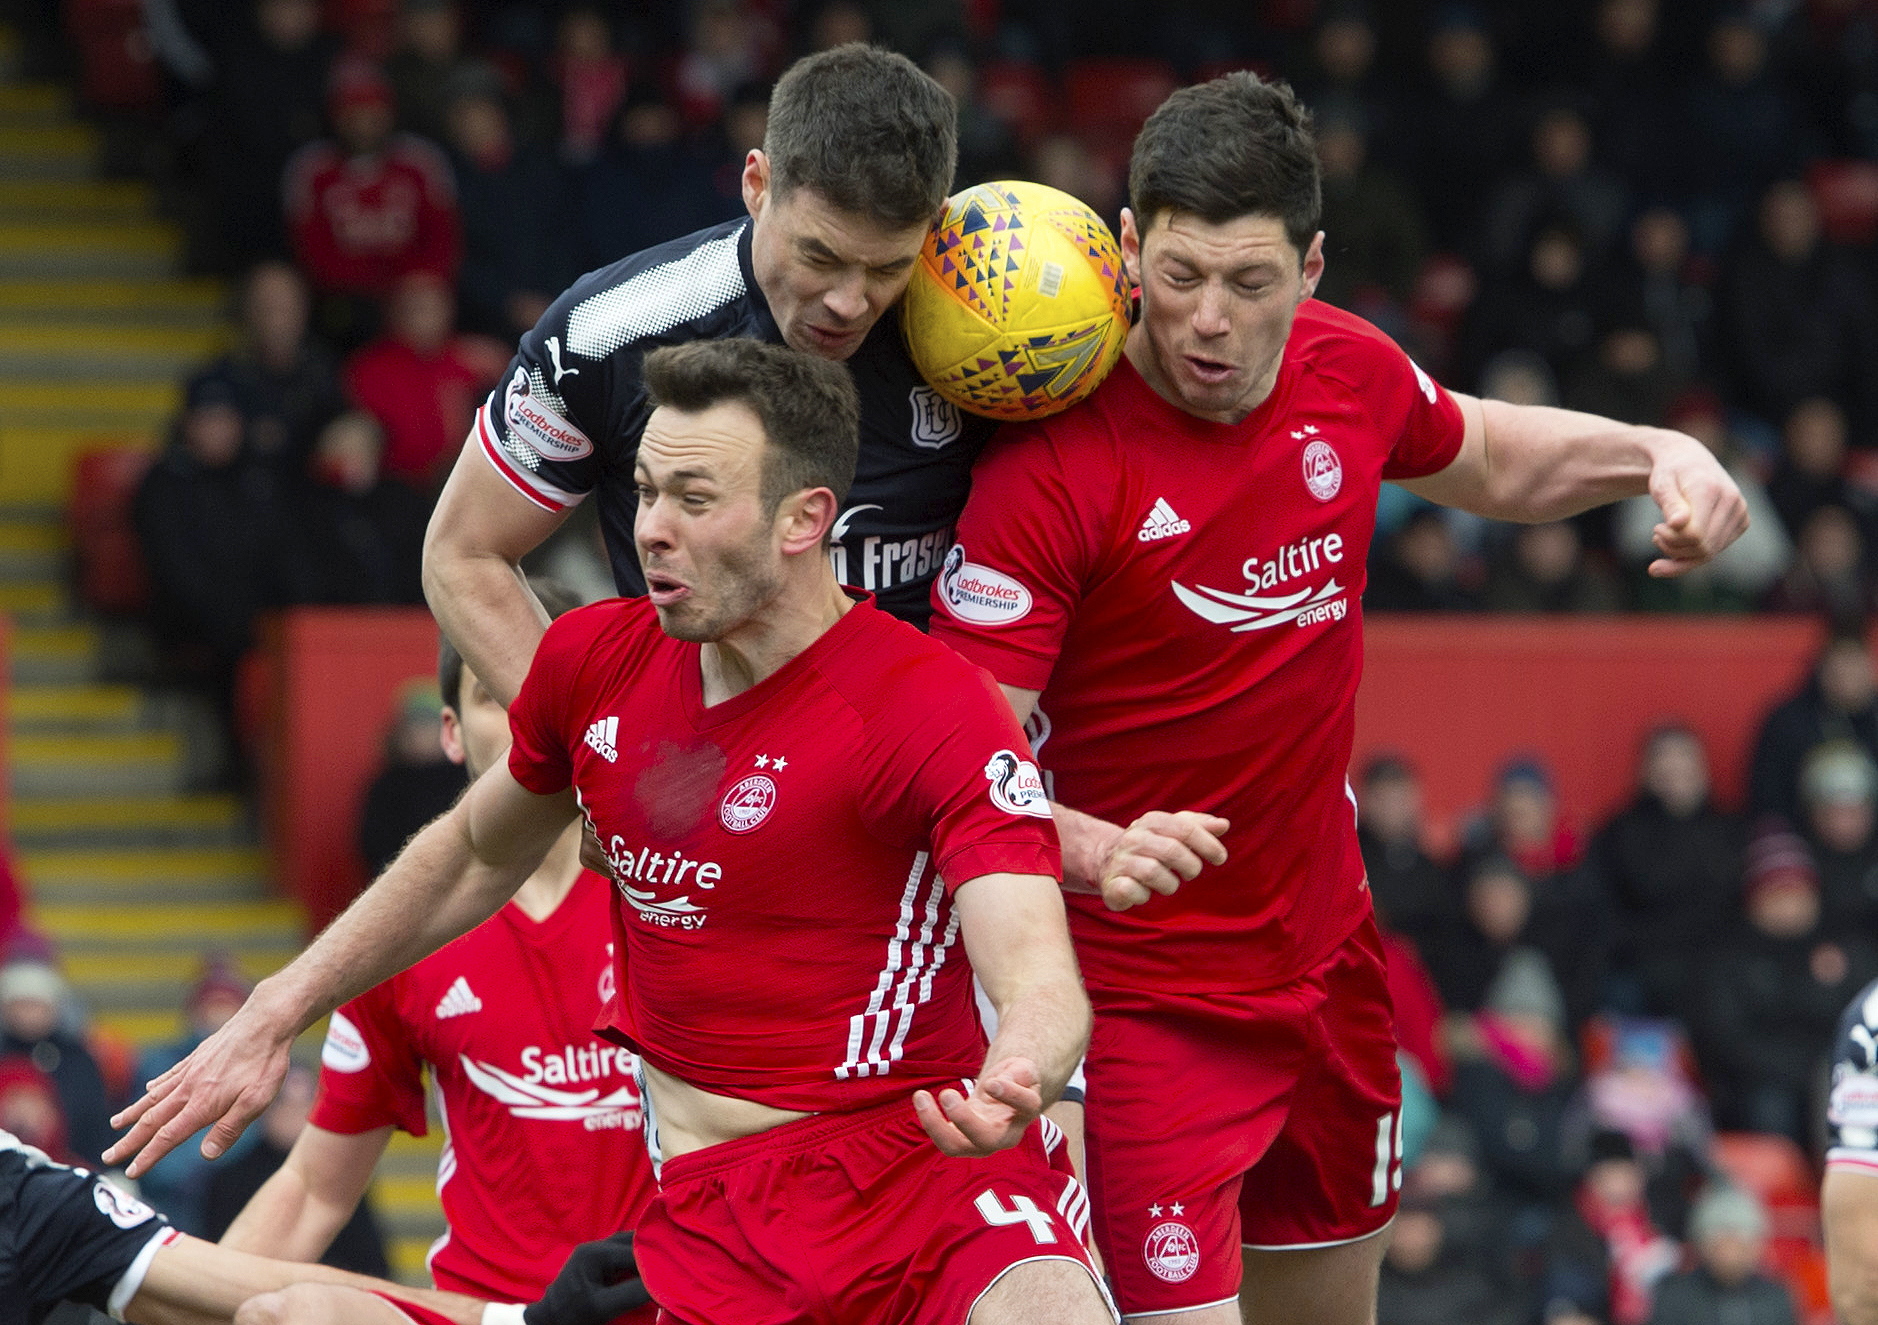 Darren O'Dea battles in the air with two Aberdeen men.